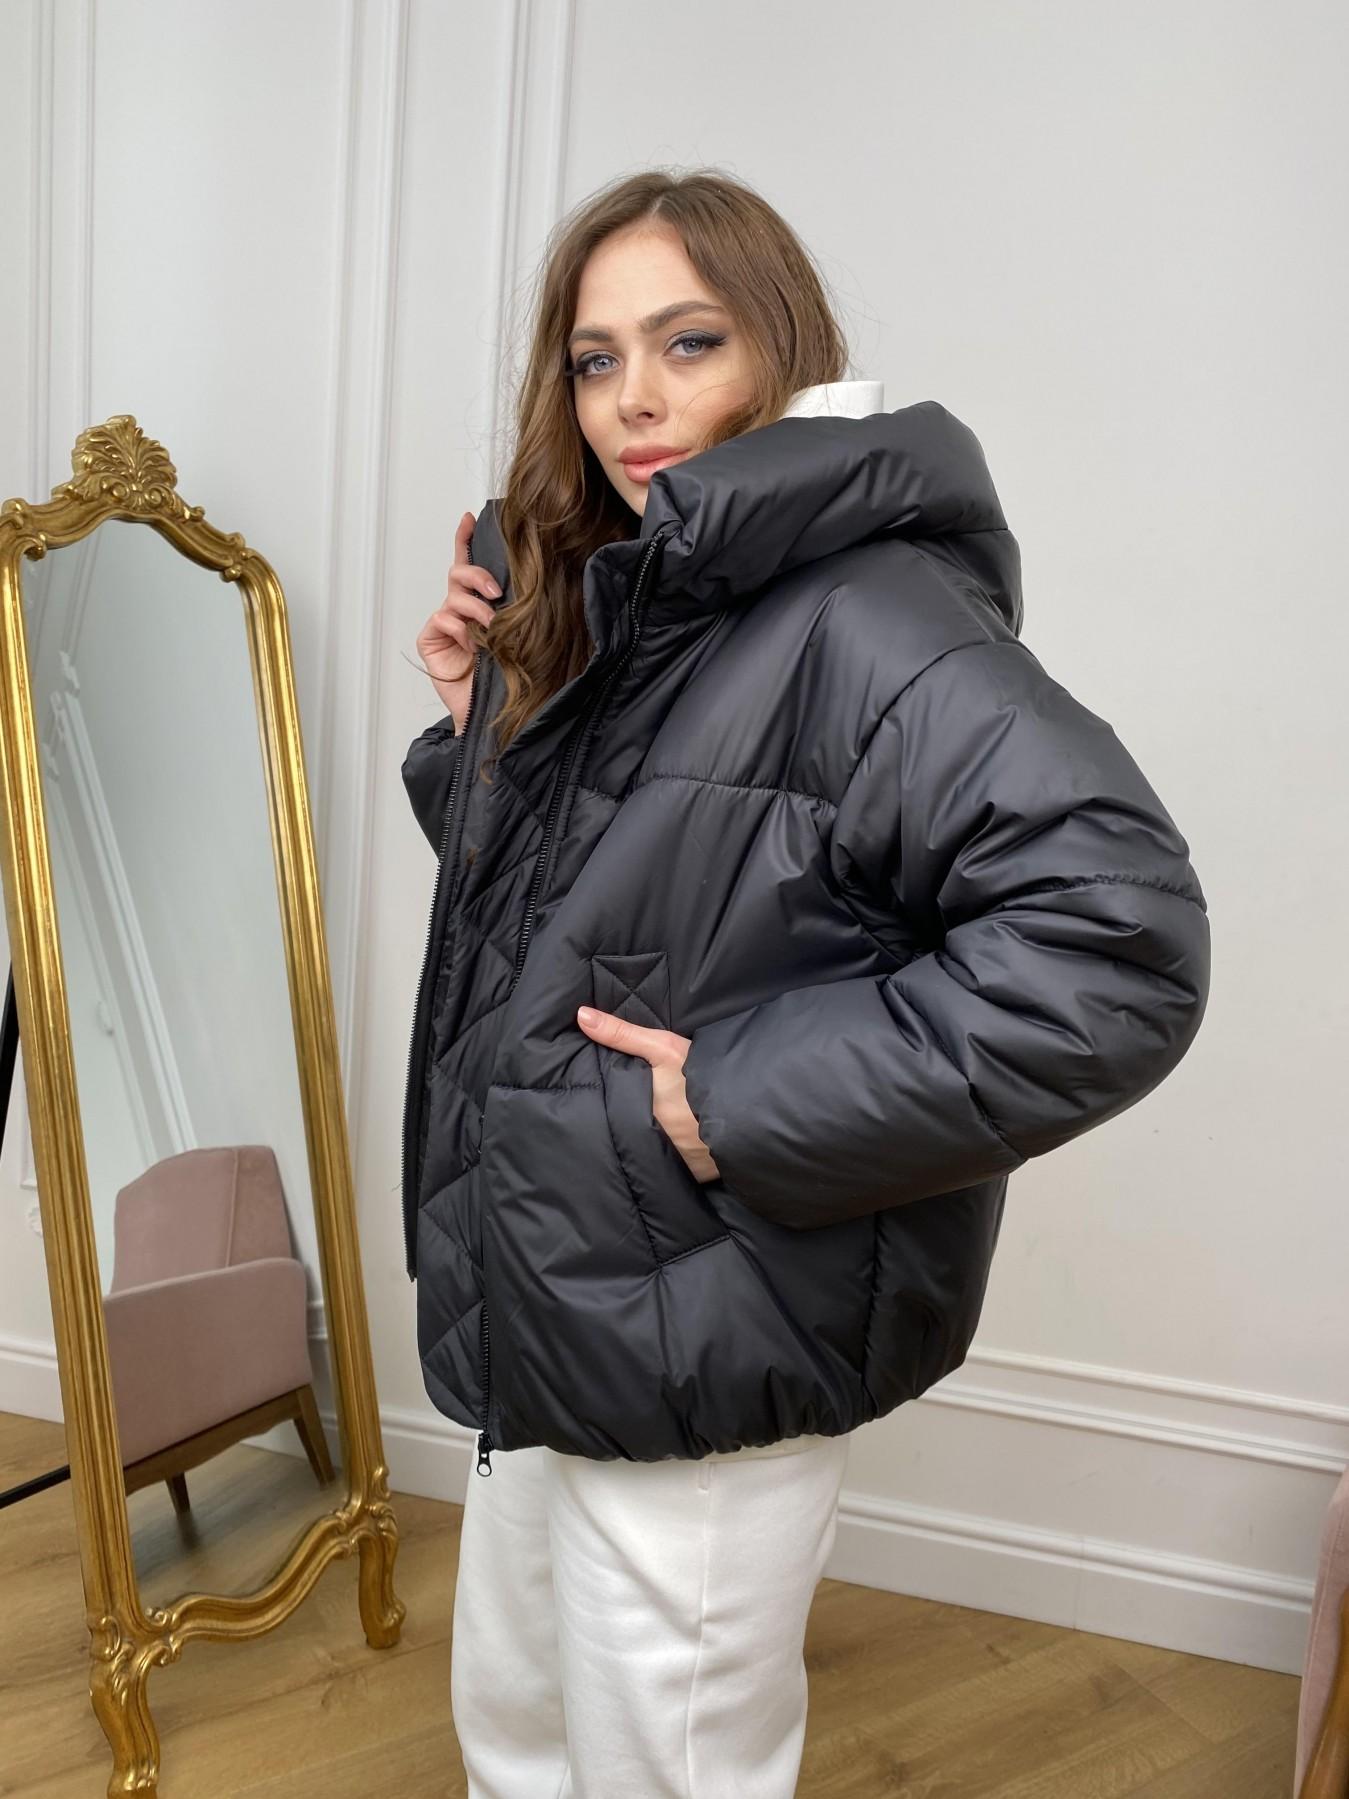 Нокс куртка из плащевой ткани 10535 АРТ. 46975 Цвет: Черный - фото 4, интернет магазин tm-modus.ru